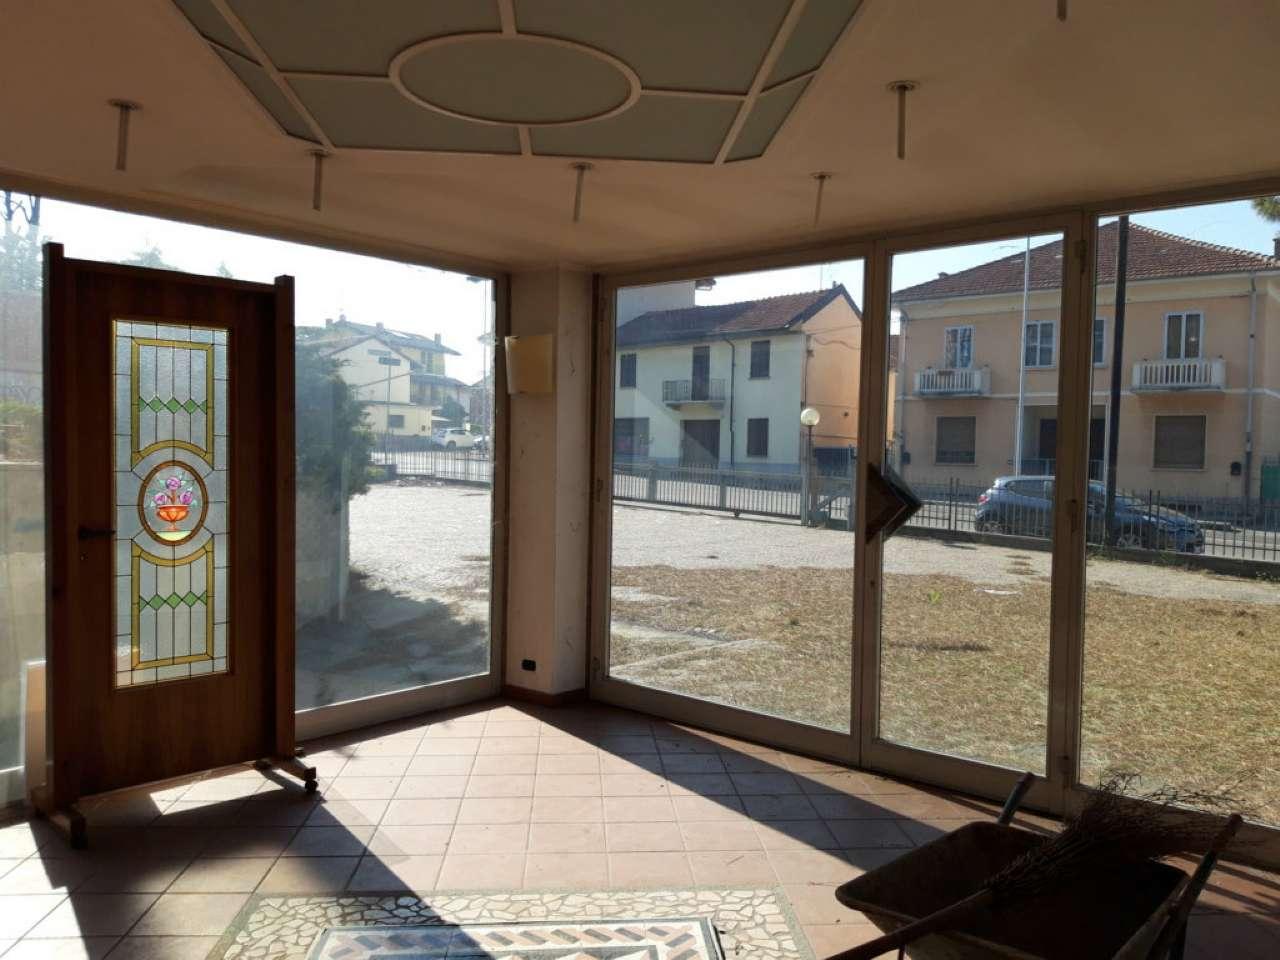 Negozio / Locale in vendita a Moncalieri, 10 locali, prezzo € 520.000 | CambioCasa.it